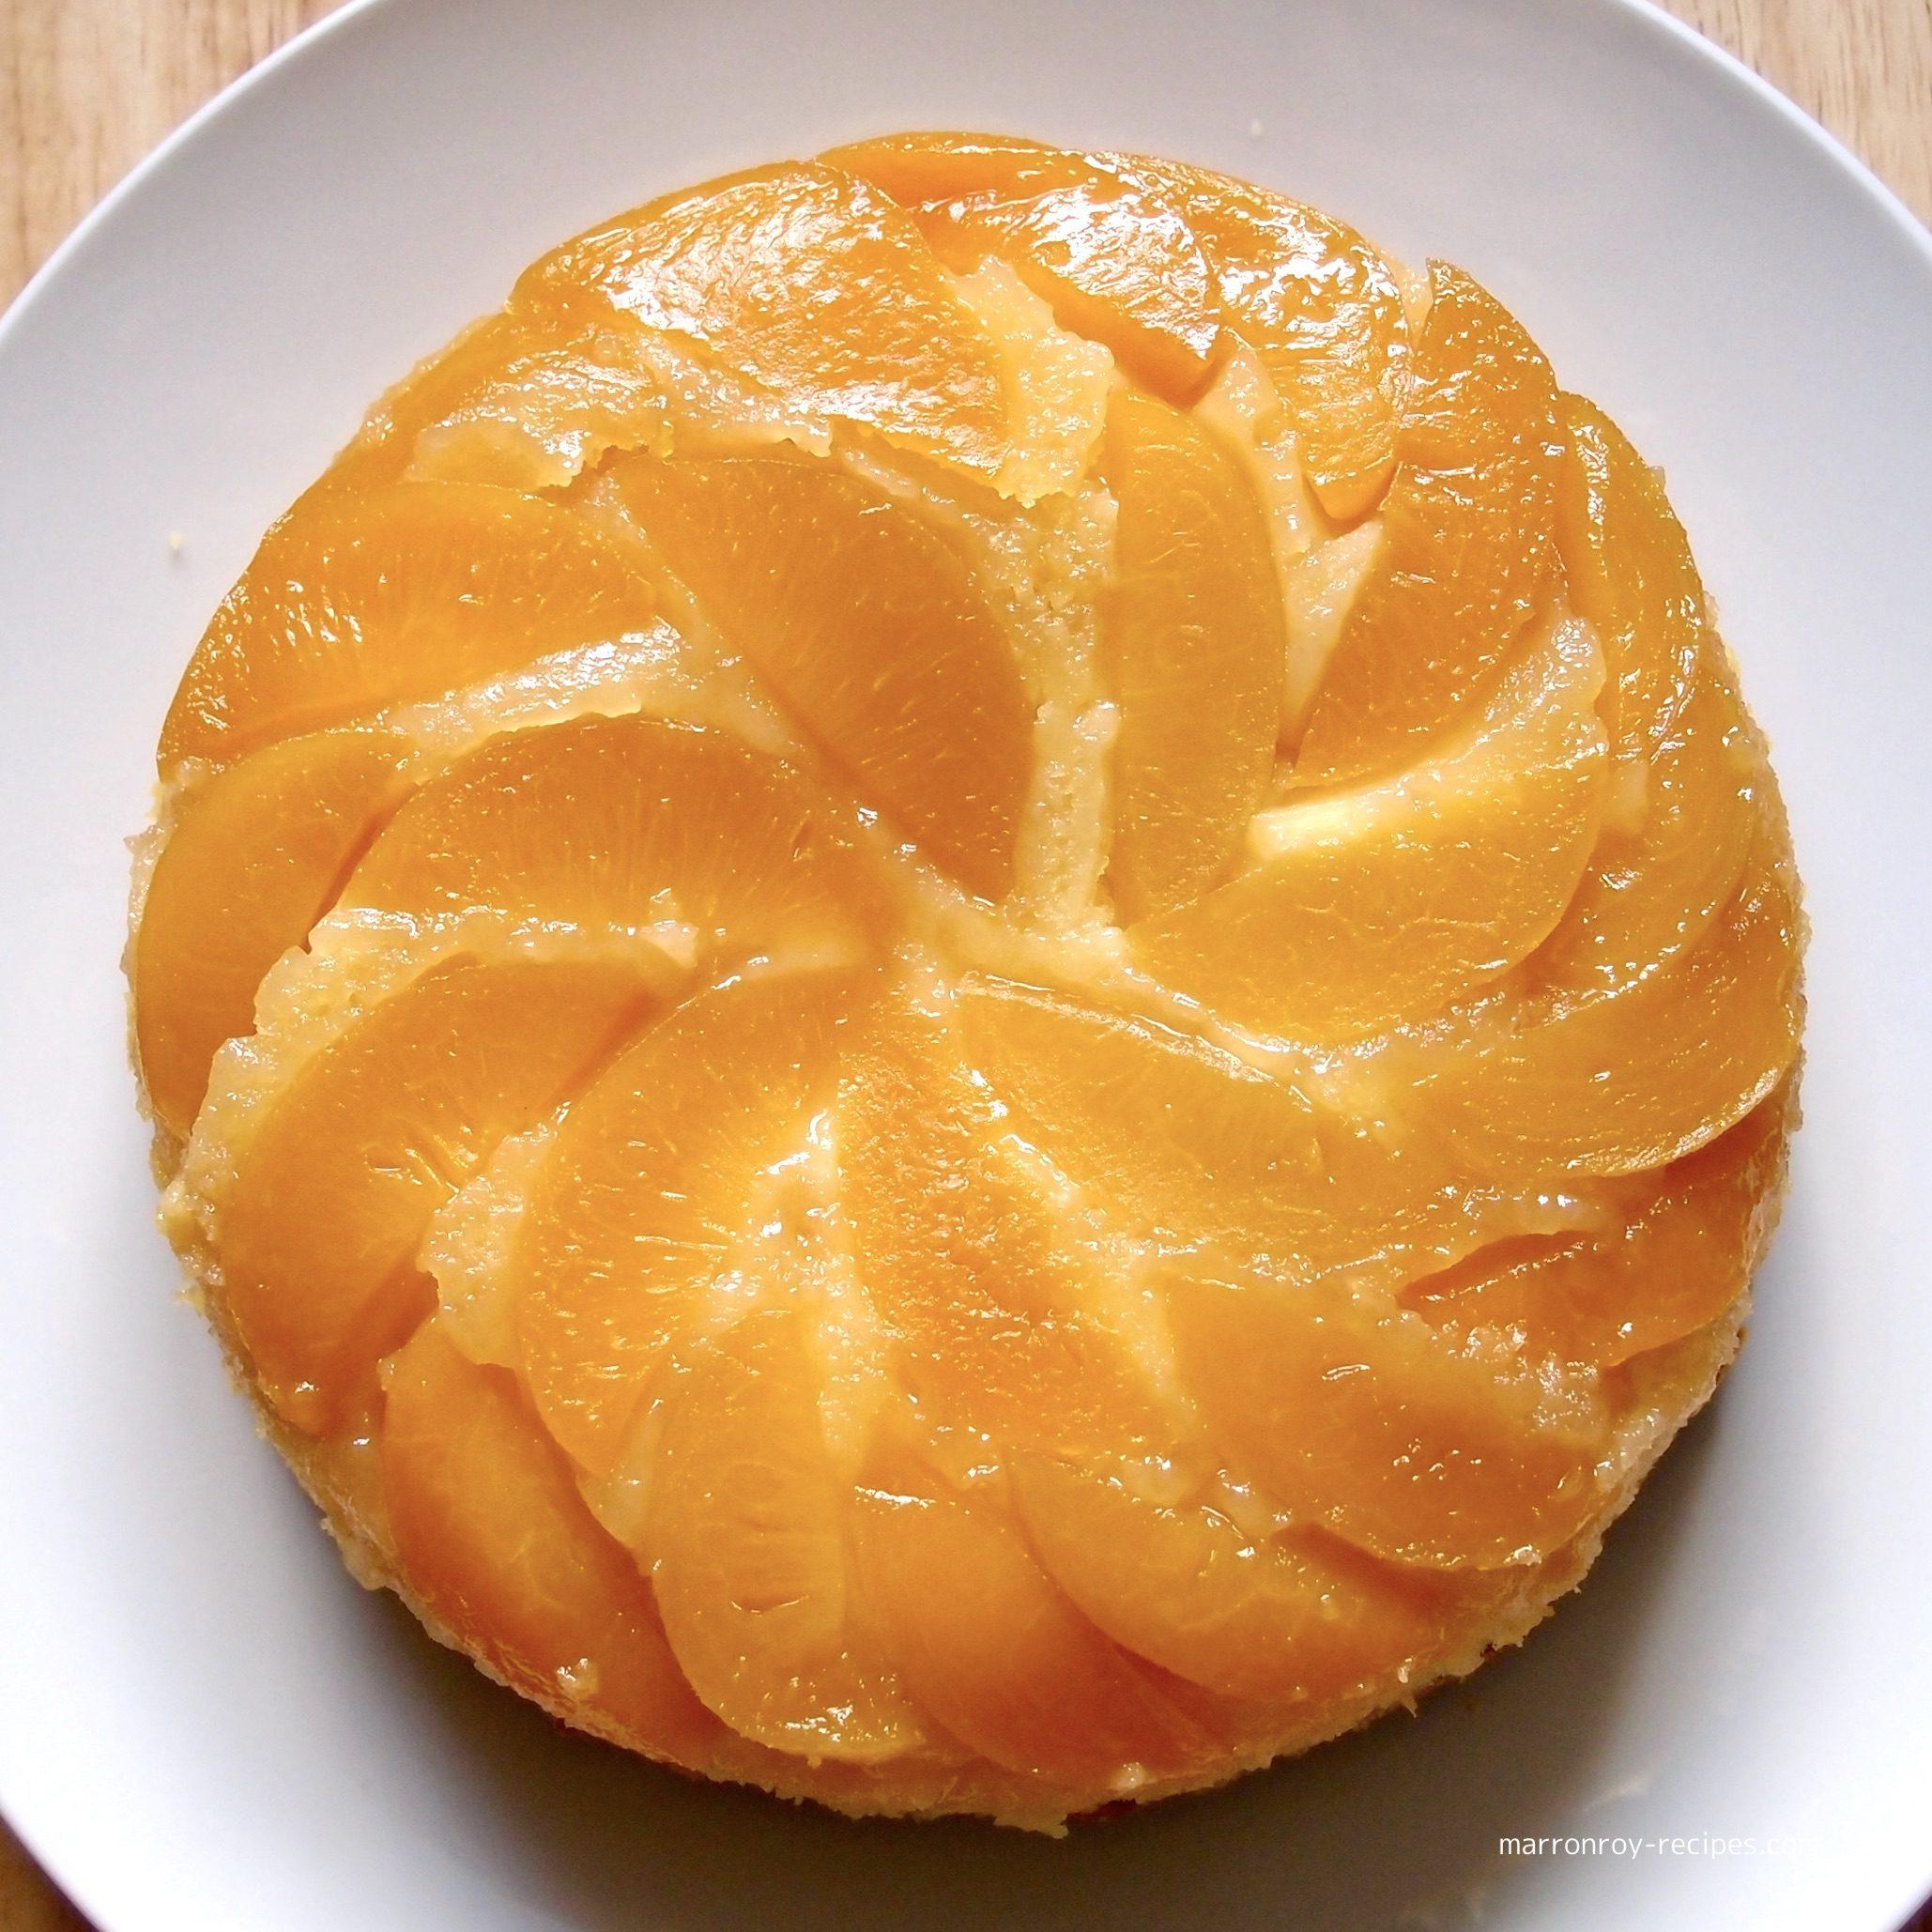 ピーチアップサイドダウンケーキ